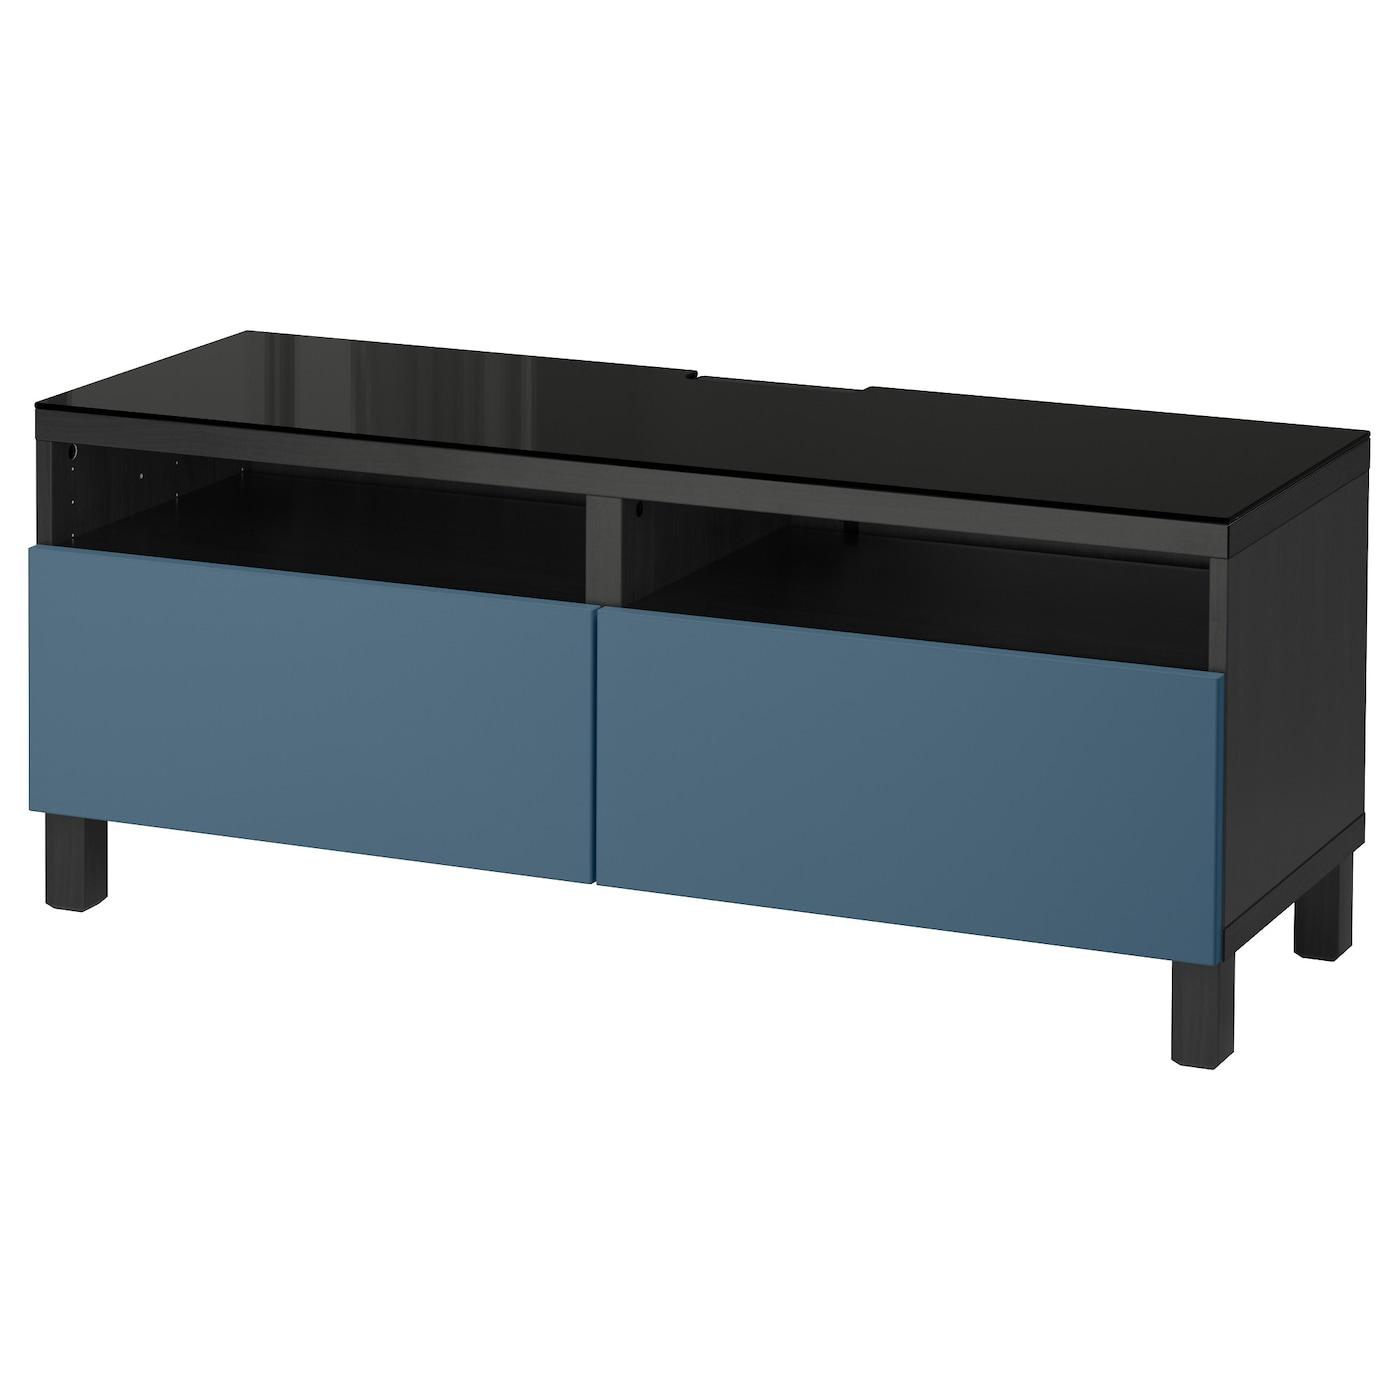 Best Tv Bench With Drawers Black Brown Valviken Dark Blue 120x40x48 Cm Ikea